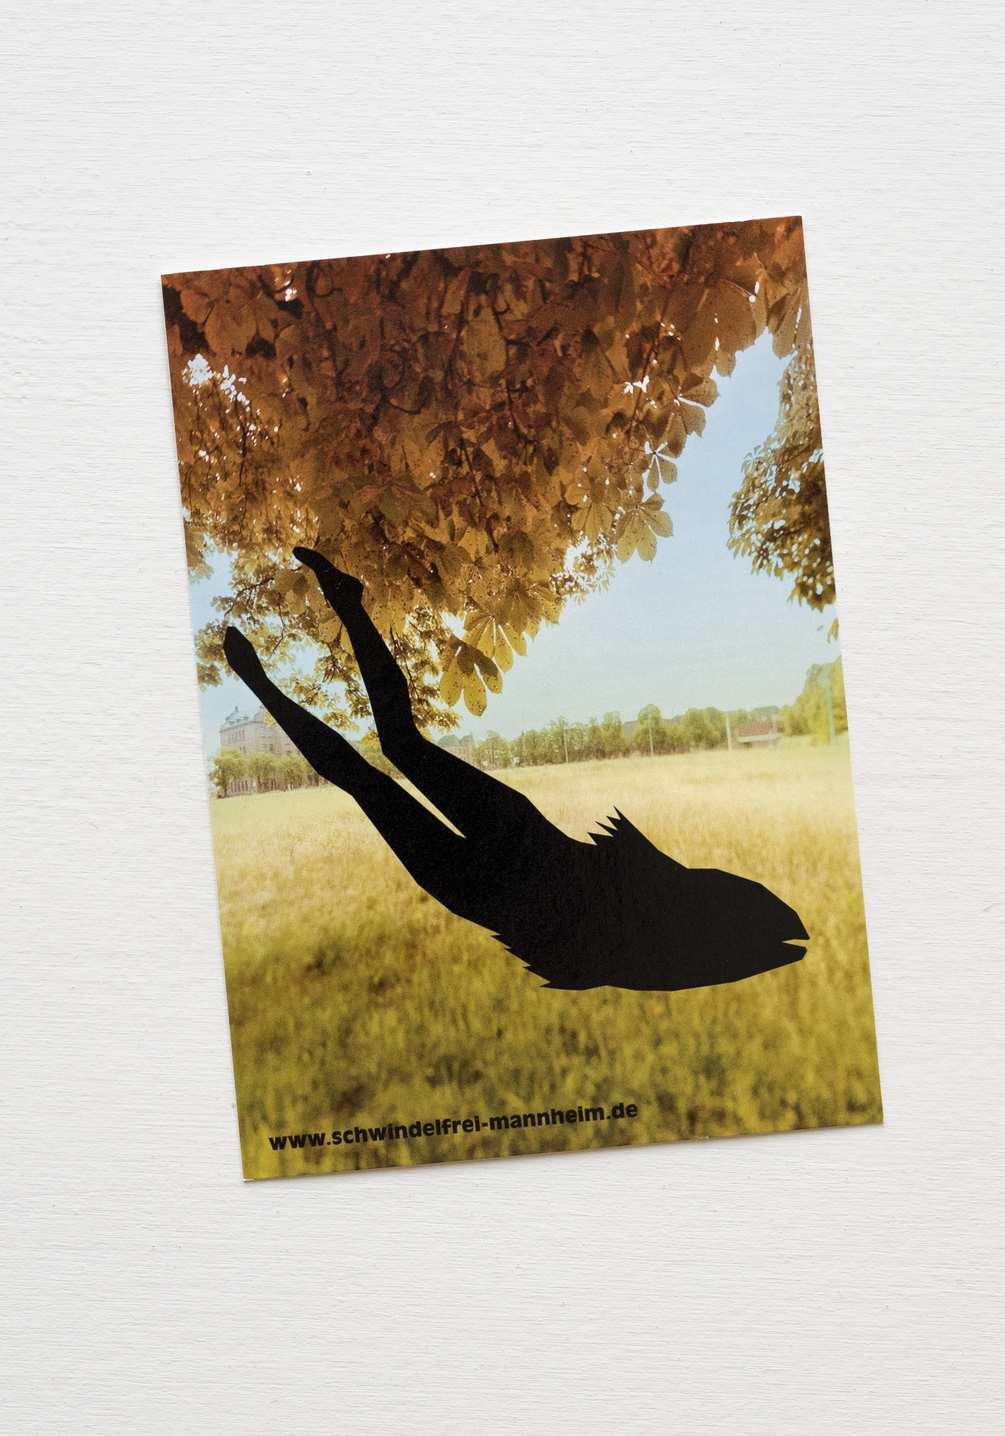 theatre-festival-schwindelfrei-postcard-1-1005x1435px